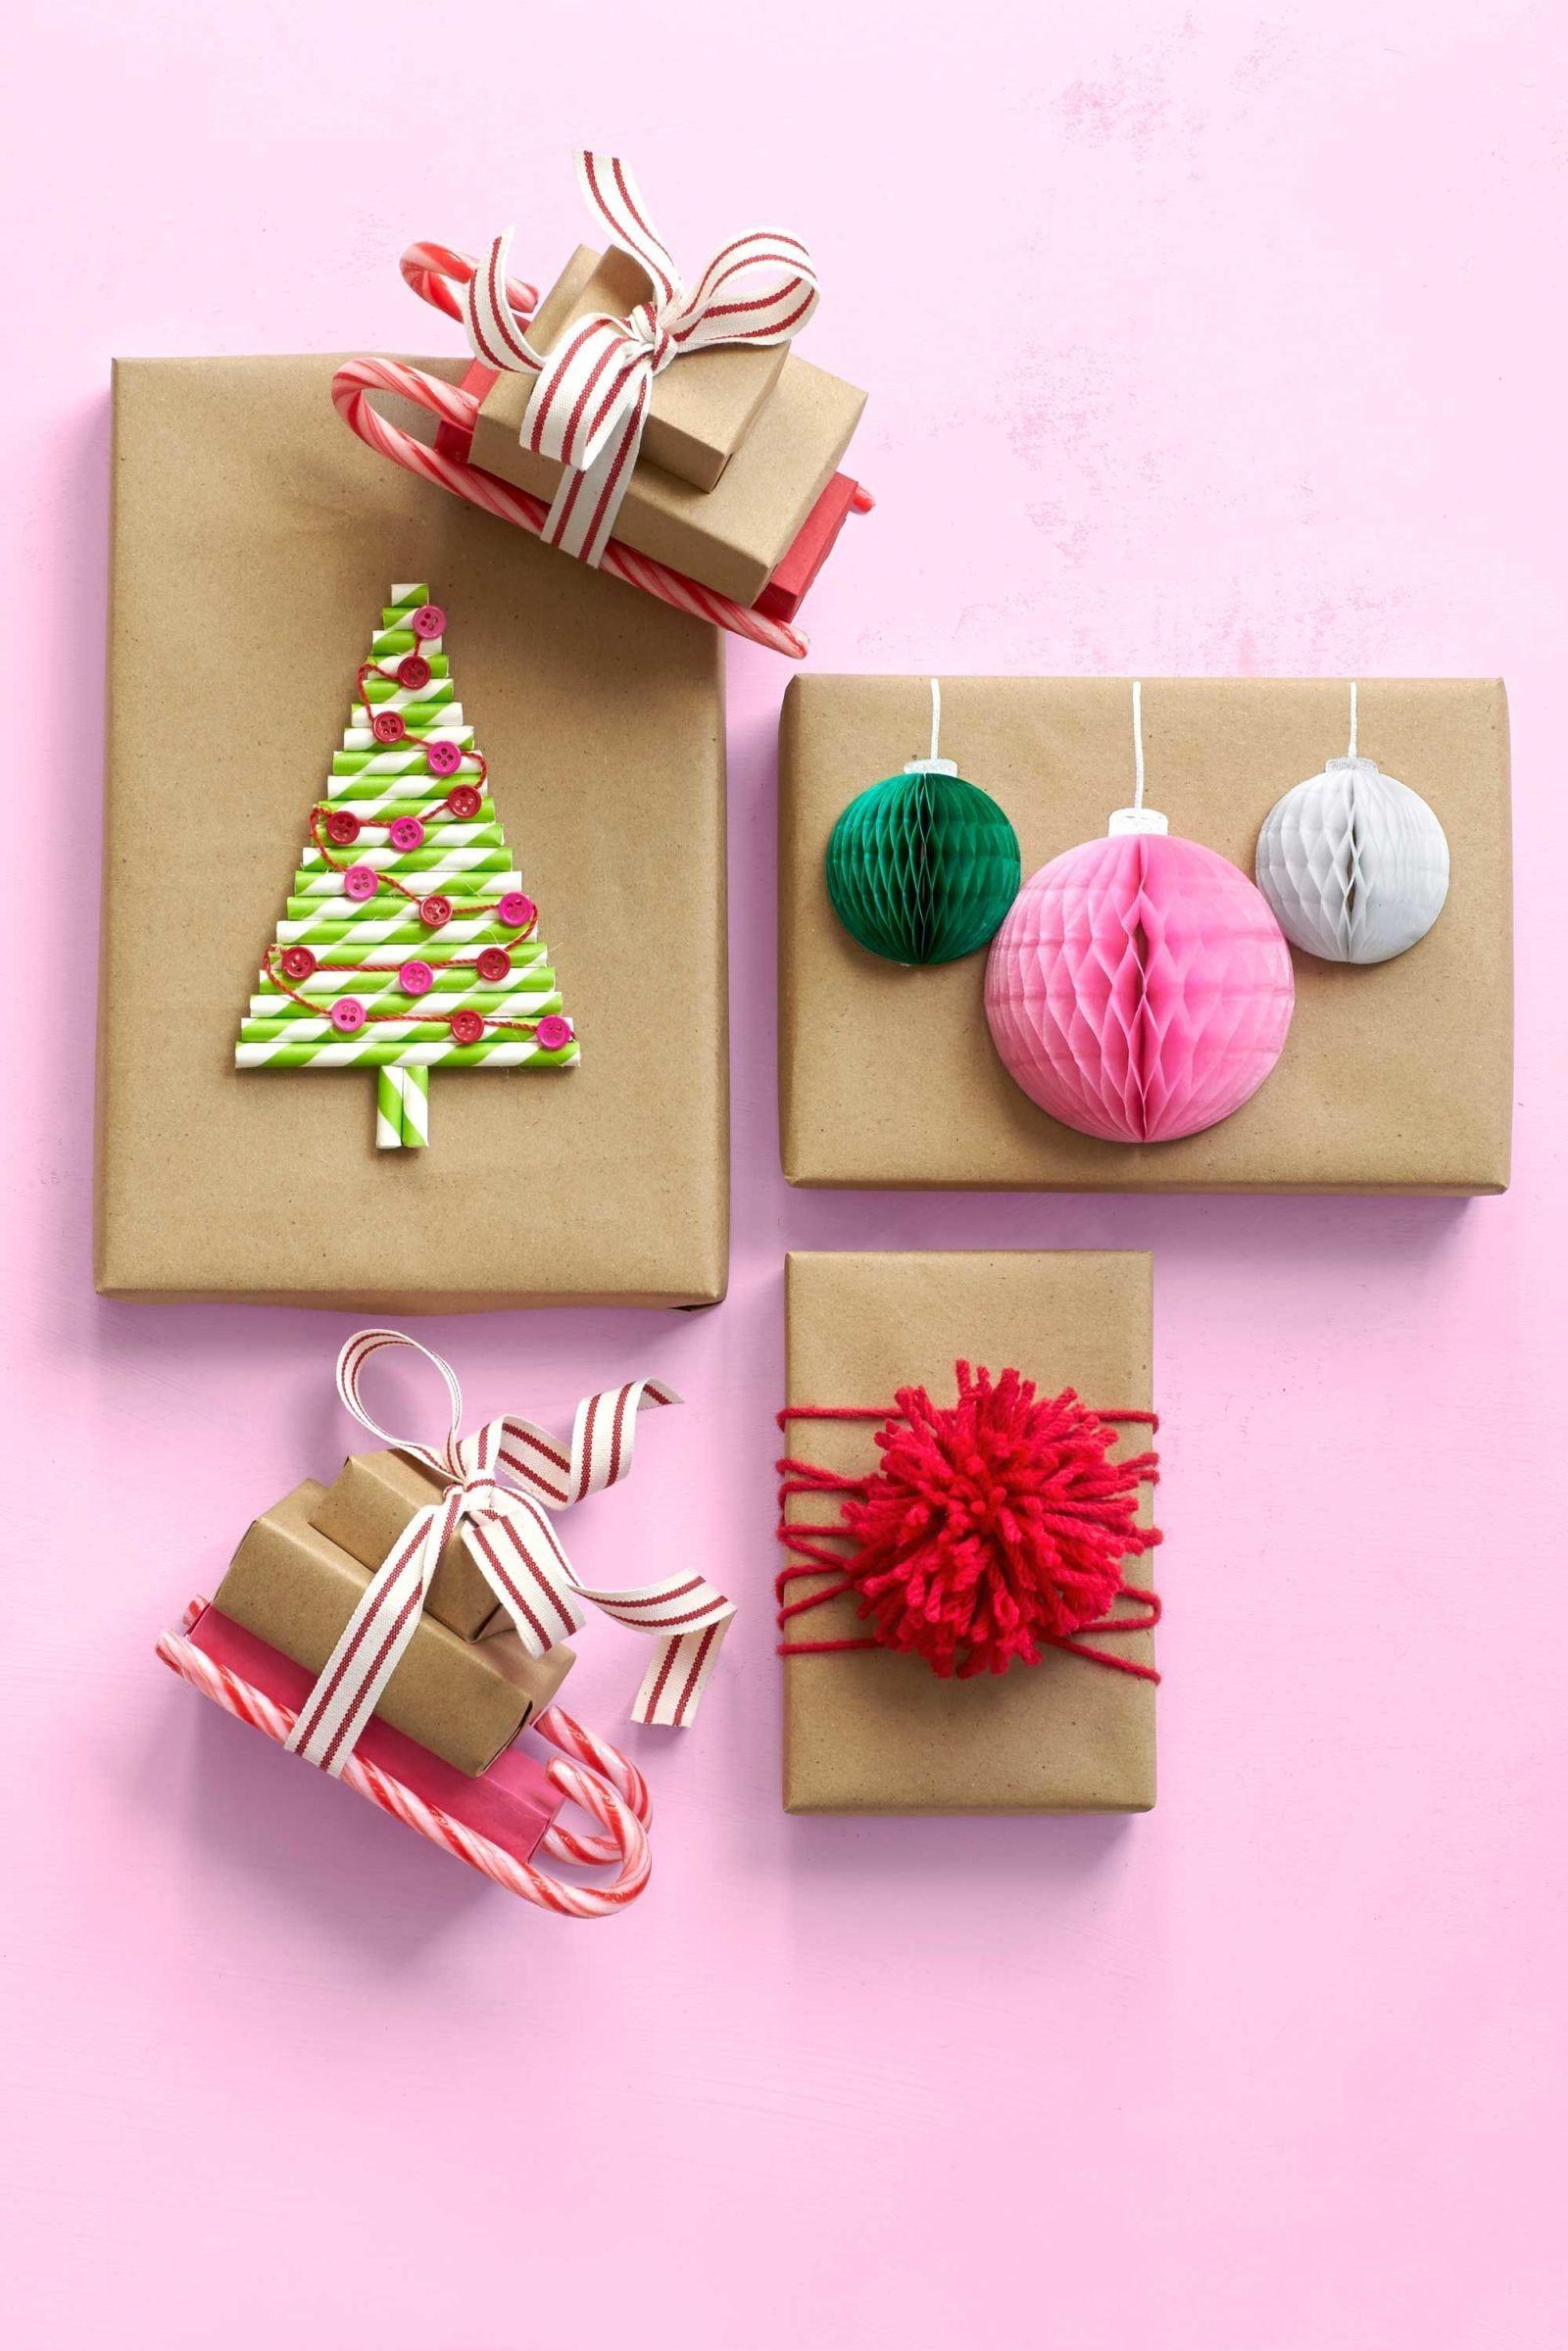 Emballage cadeau créatif et coloré.